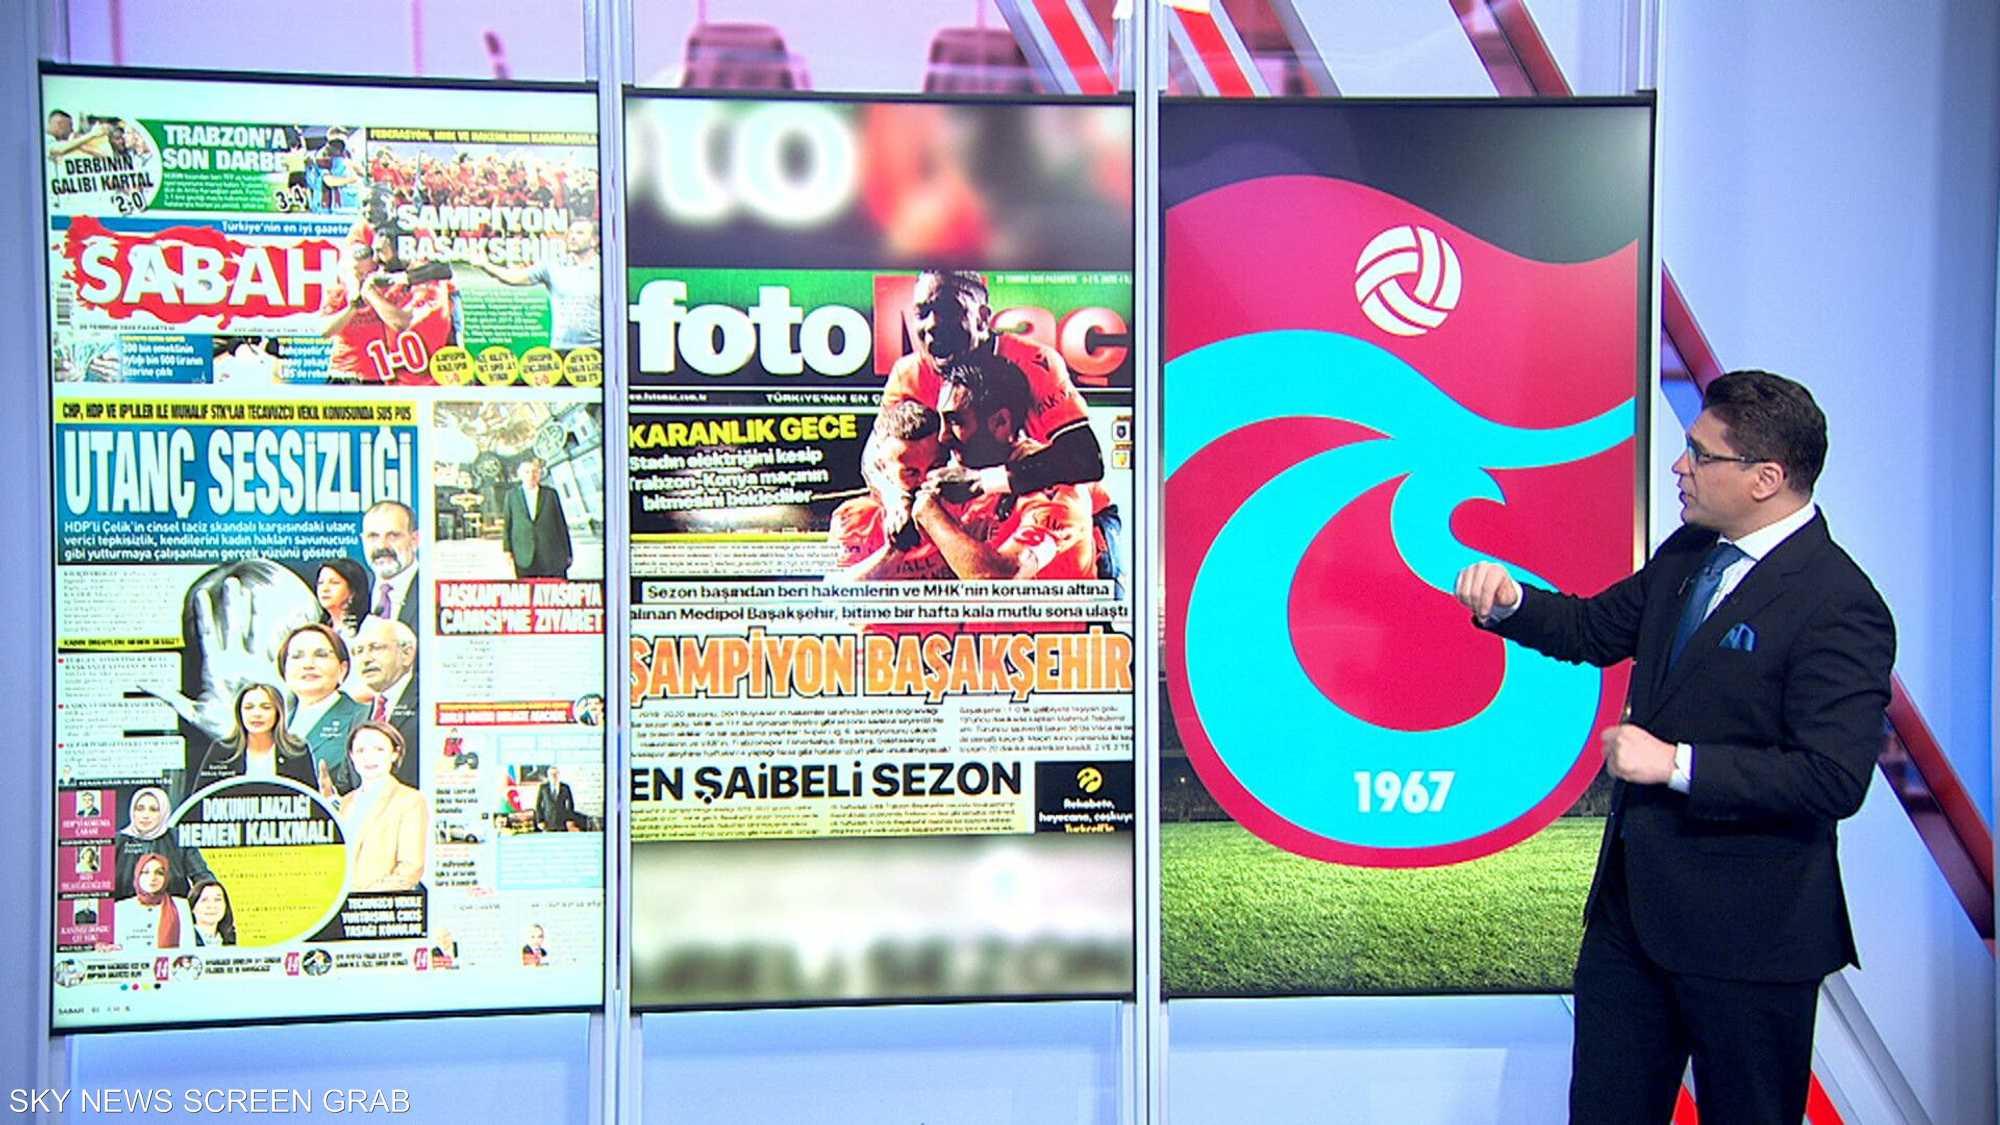 خلافات داخل عائلة أردوغان بسبب كرة القدم